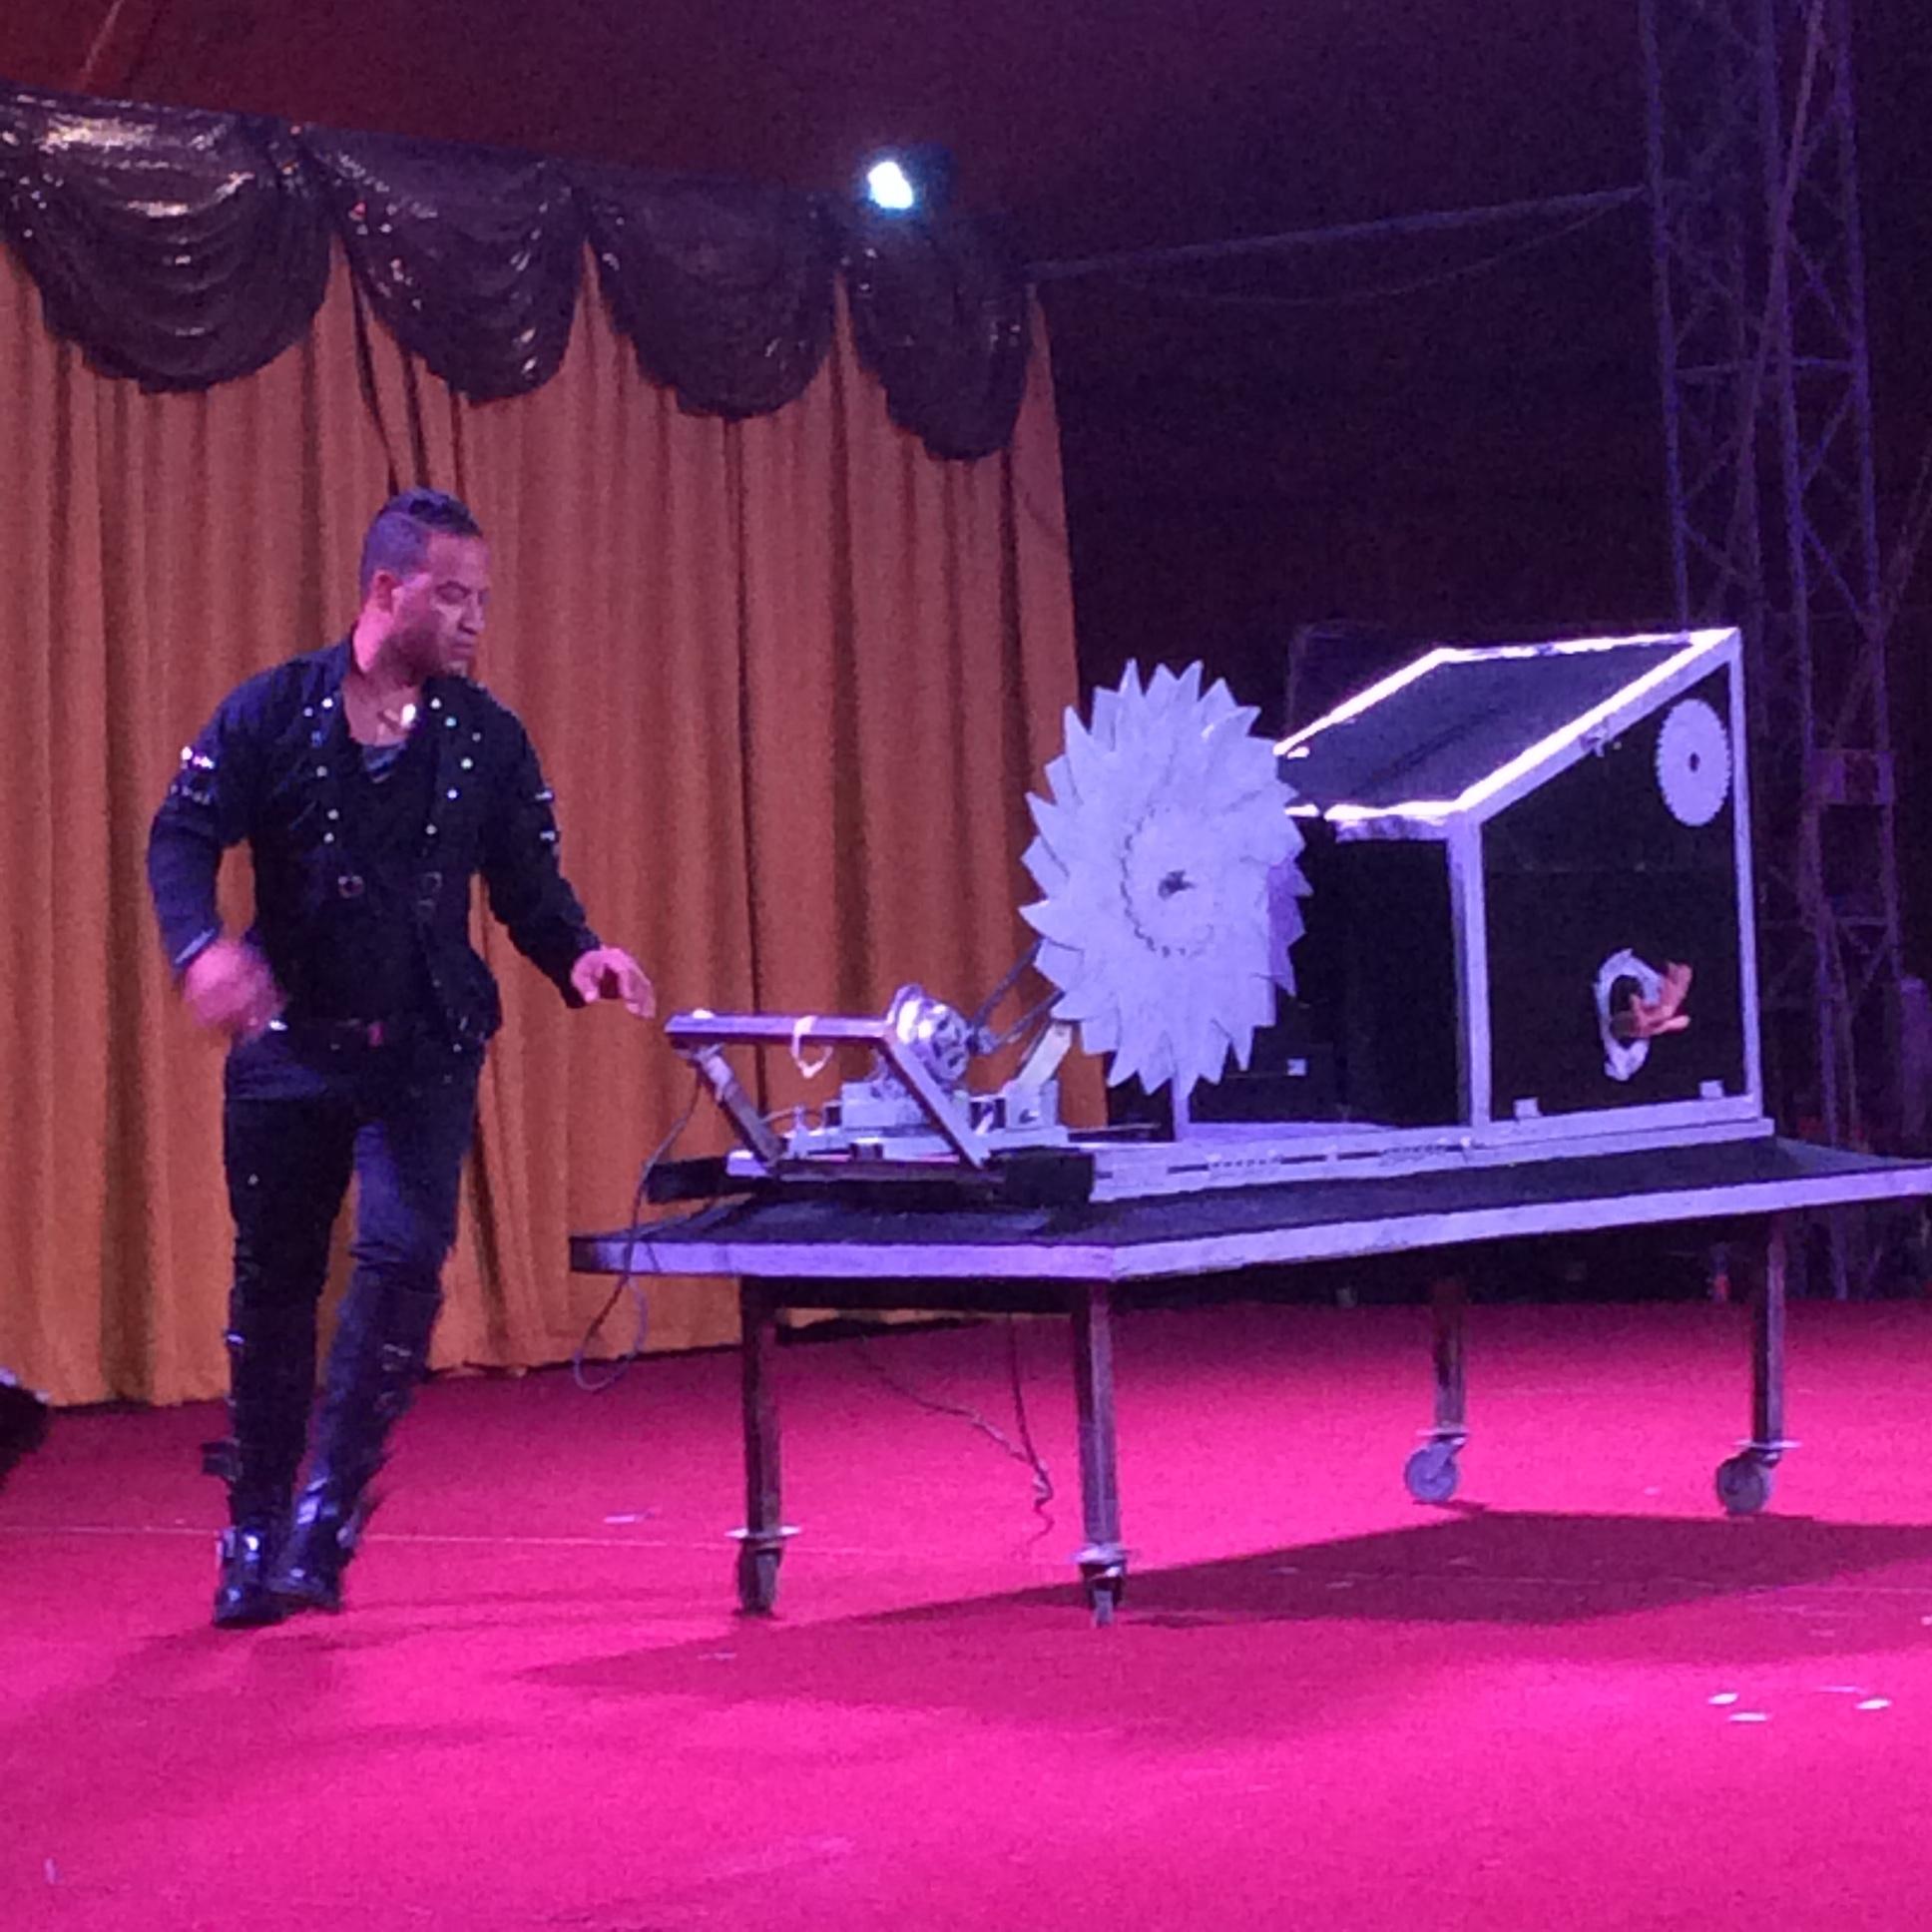 Cuban Illusionist in Circus